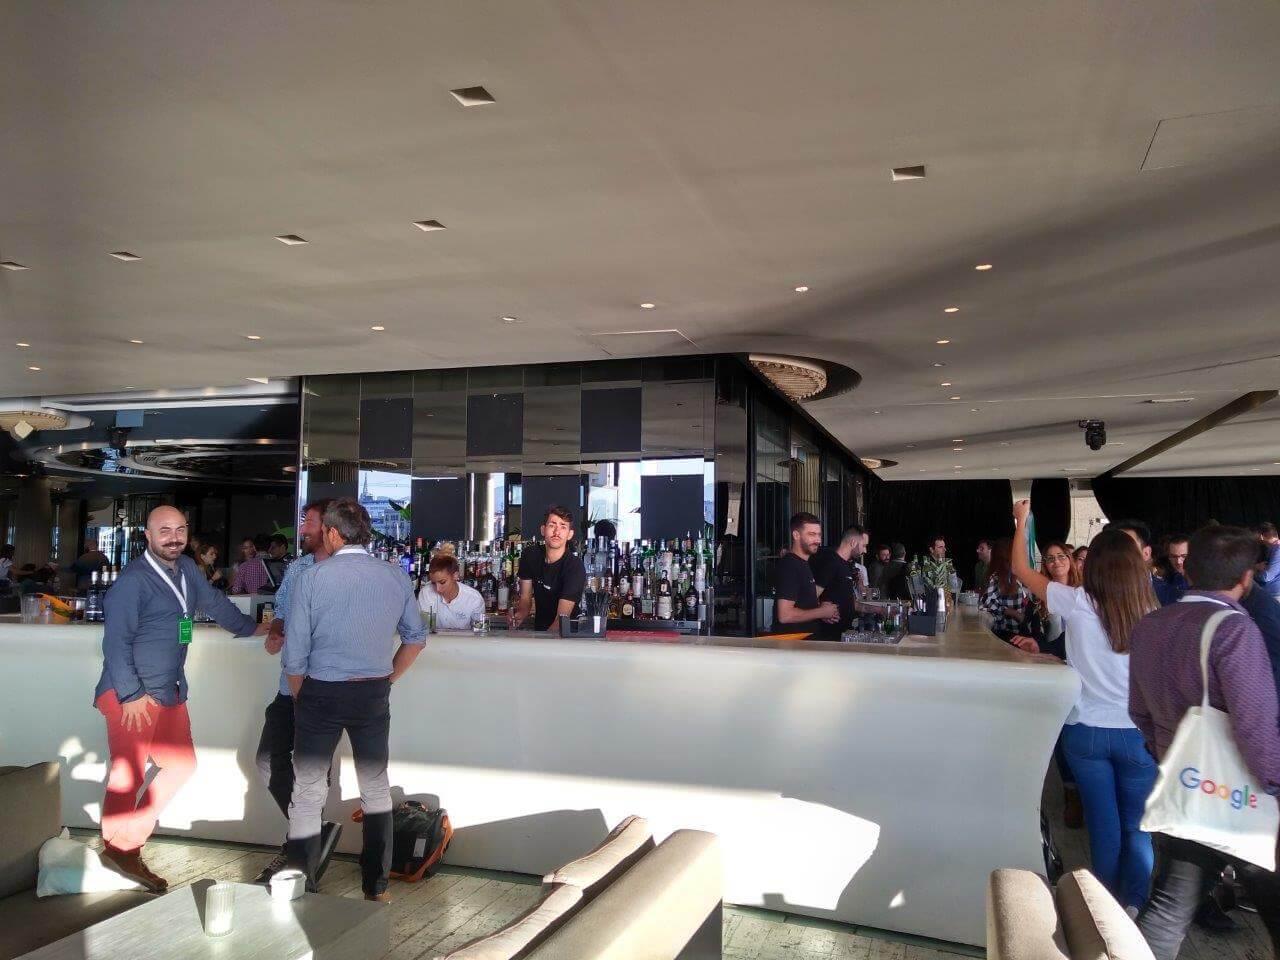 Presentación del equipo de asesoramiento estratégico Google en Barcelona Café del Mar Maremagnum